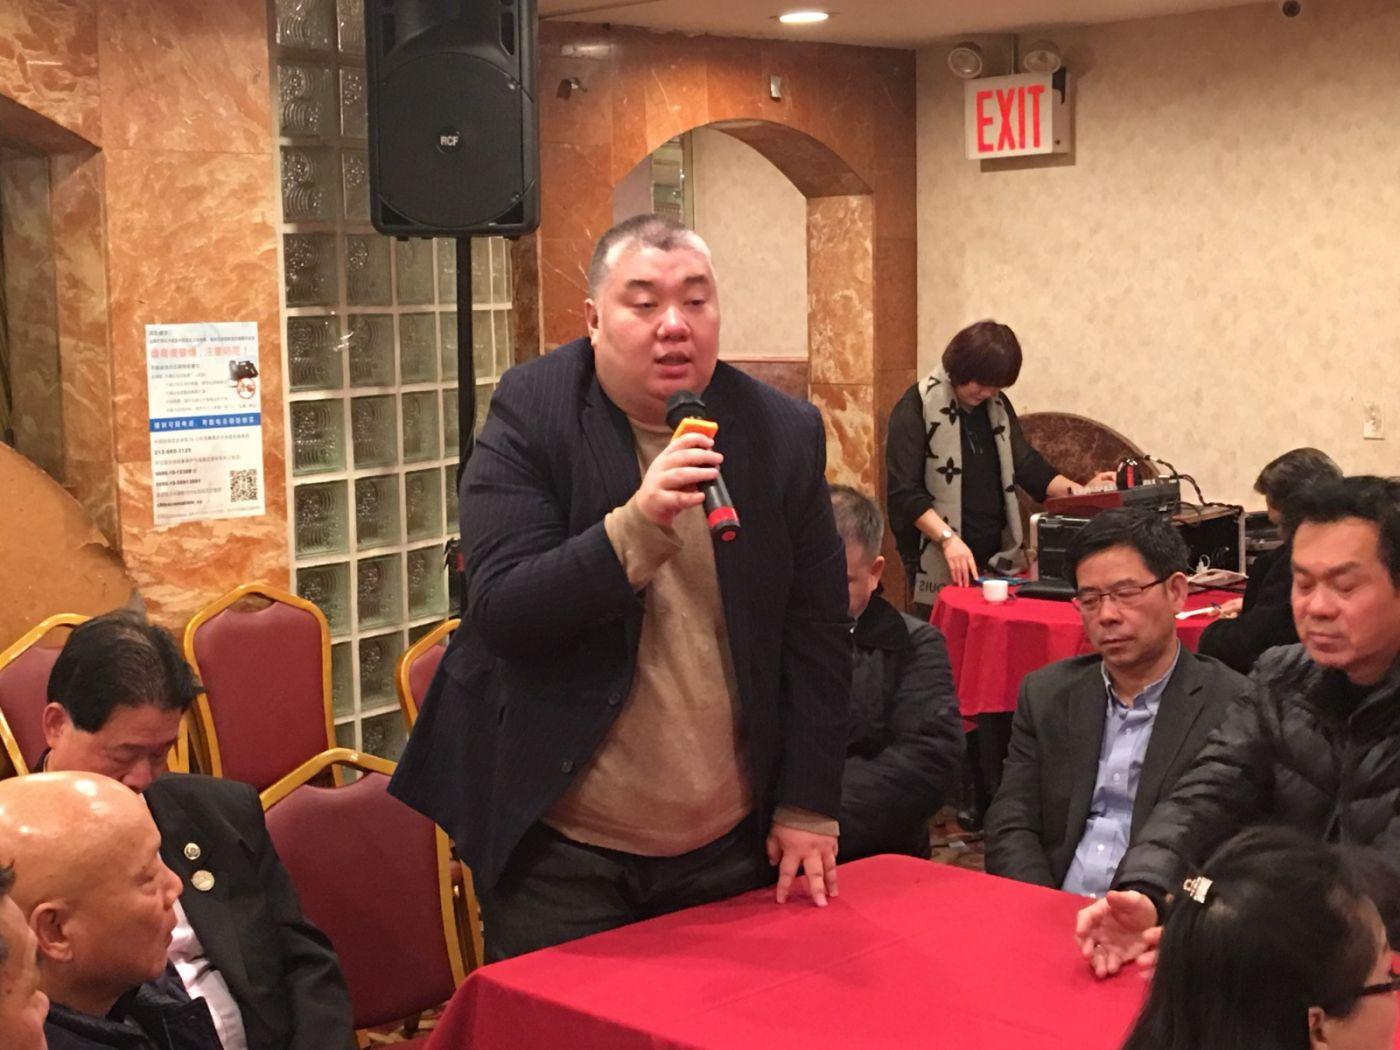 紐約華人華僑維護香港穩定繁榮座談會在紐約舉行_图1-11